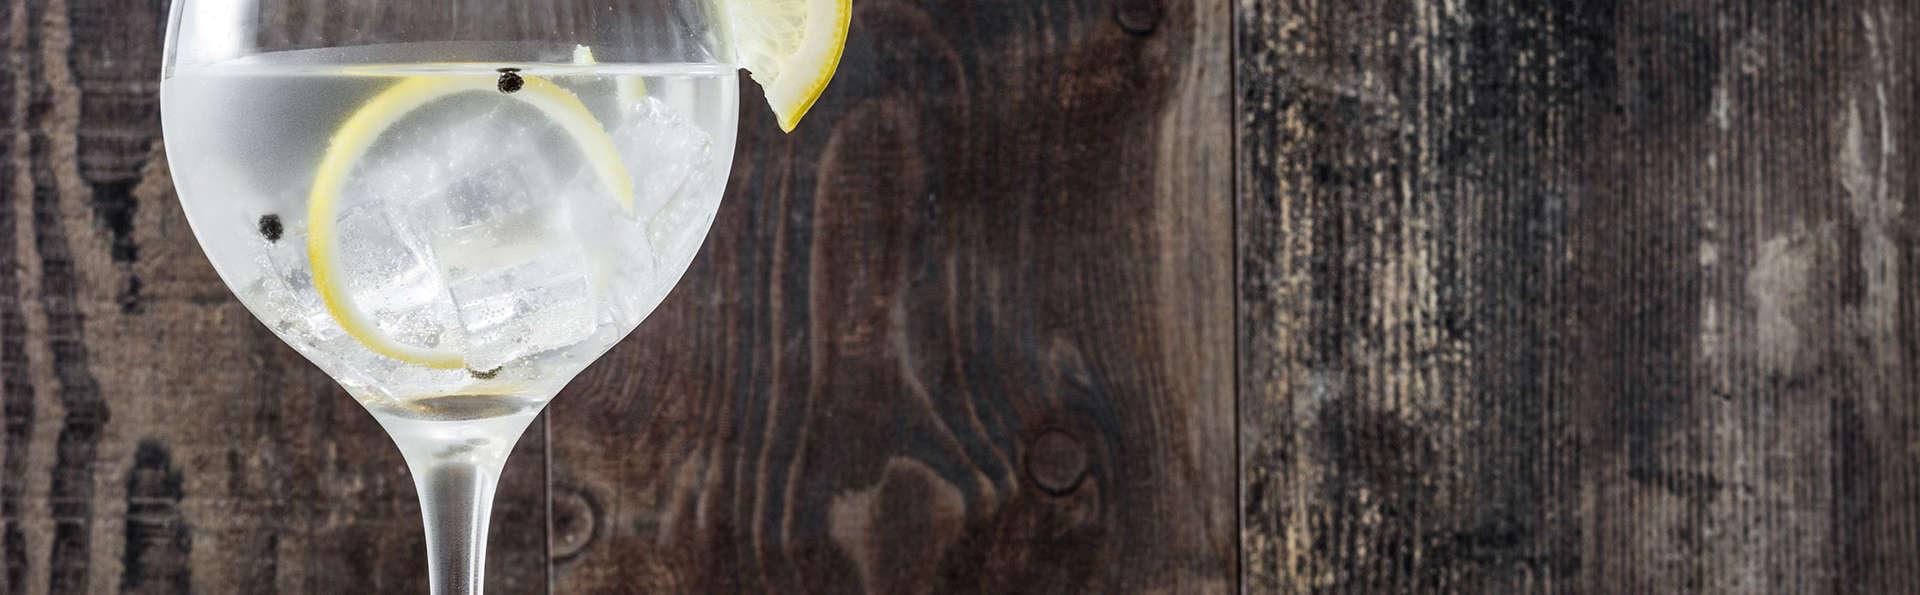 Séjour romantique sur la Côte d'Opale, avec cocktail, chocolats et accès au sauna